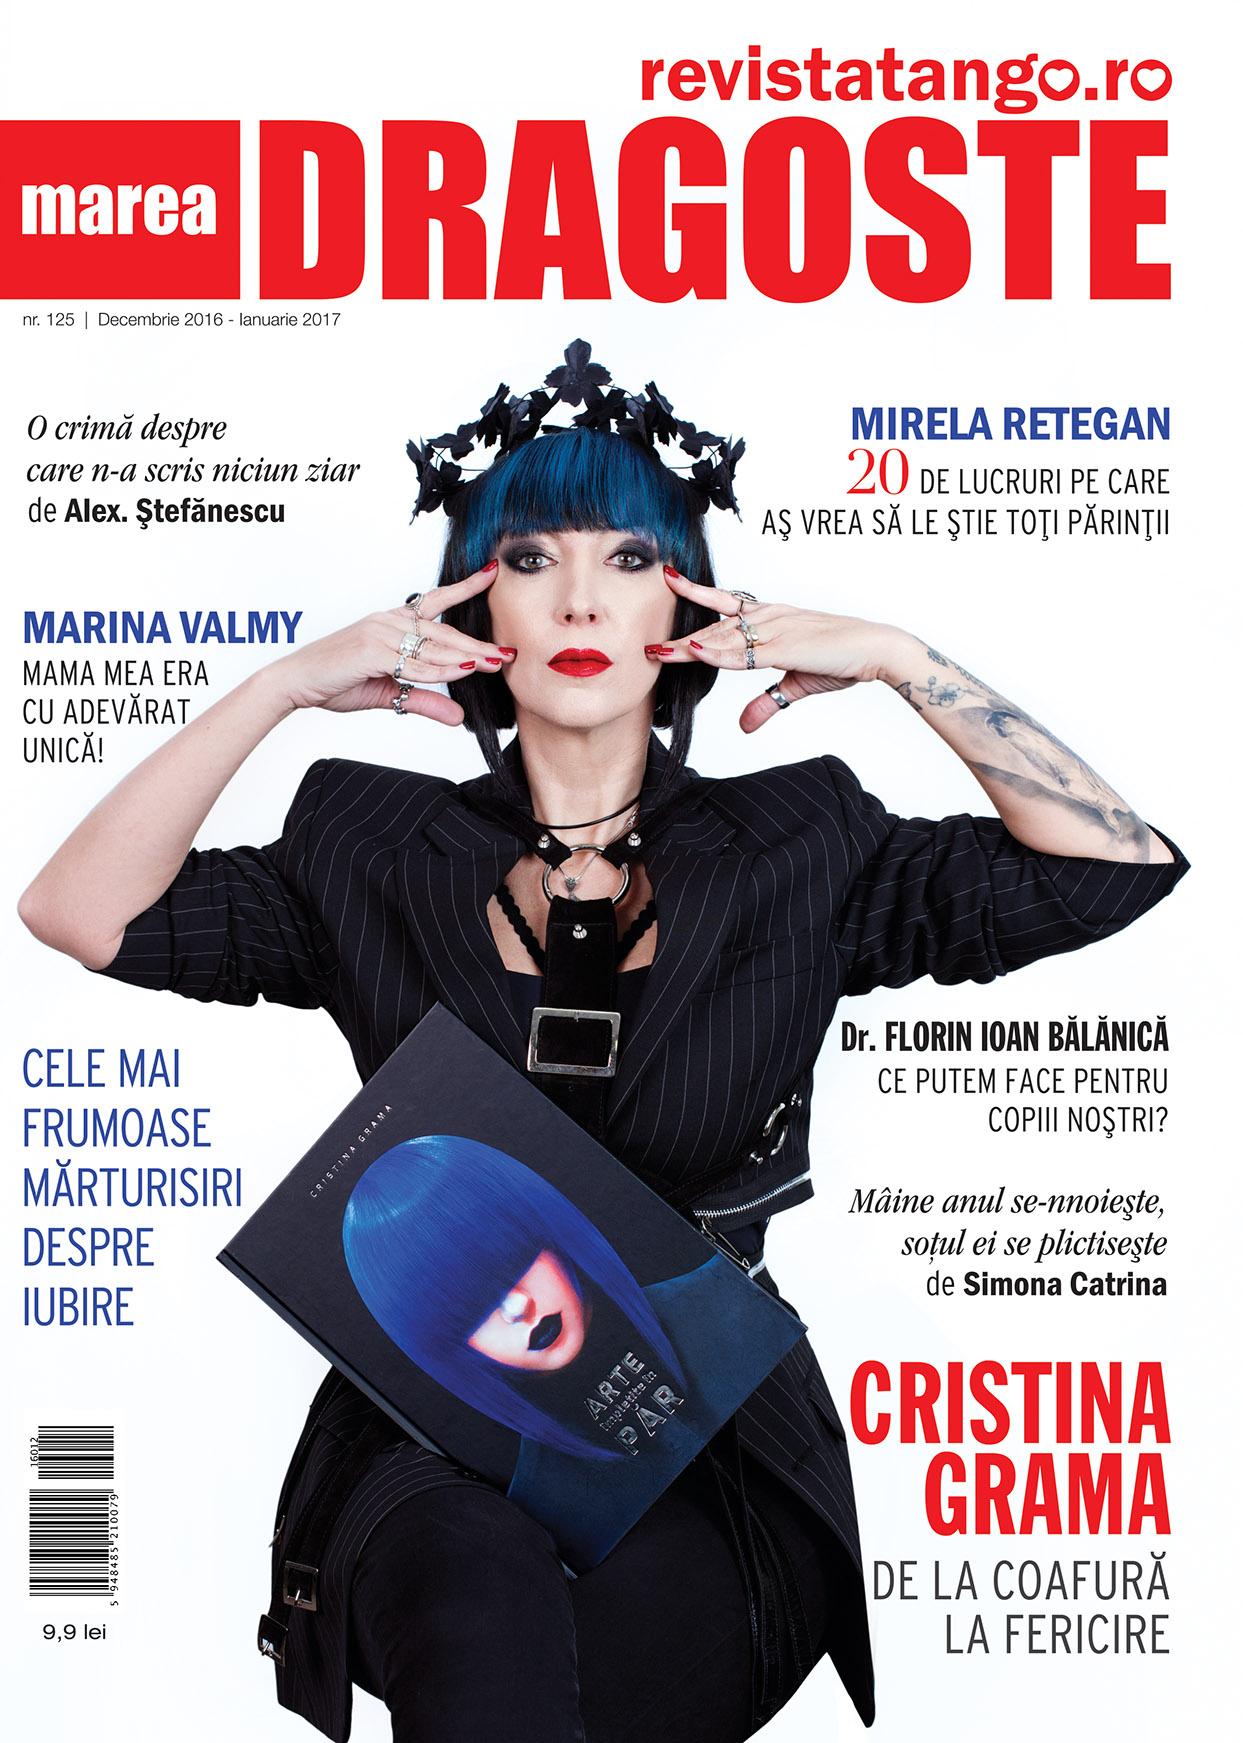 coperta Marea Dragoste-RevistaTango, nr. 125_decembrie 2016-ianuarie 2017_Cristina Grama